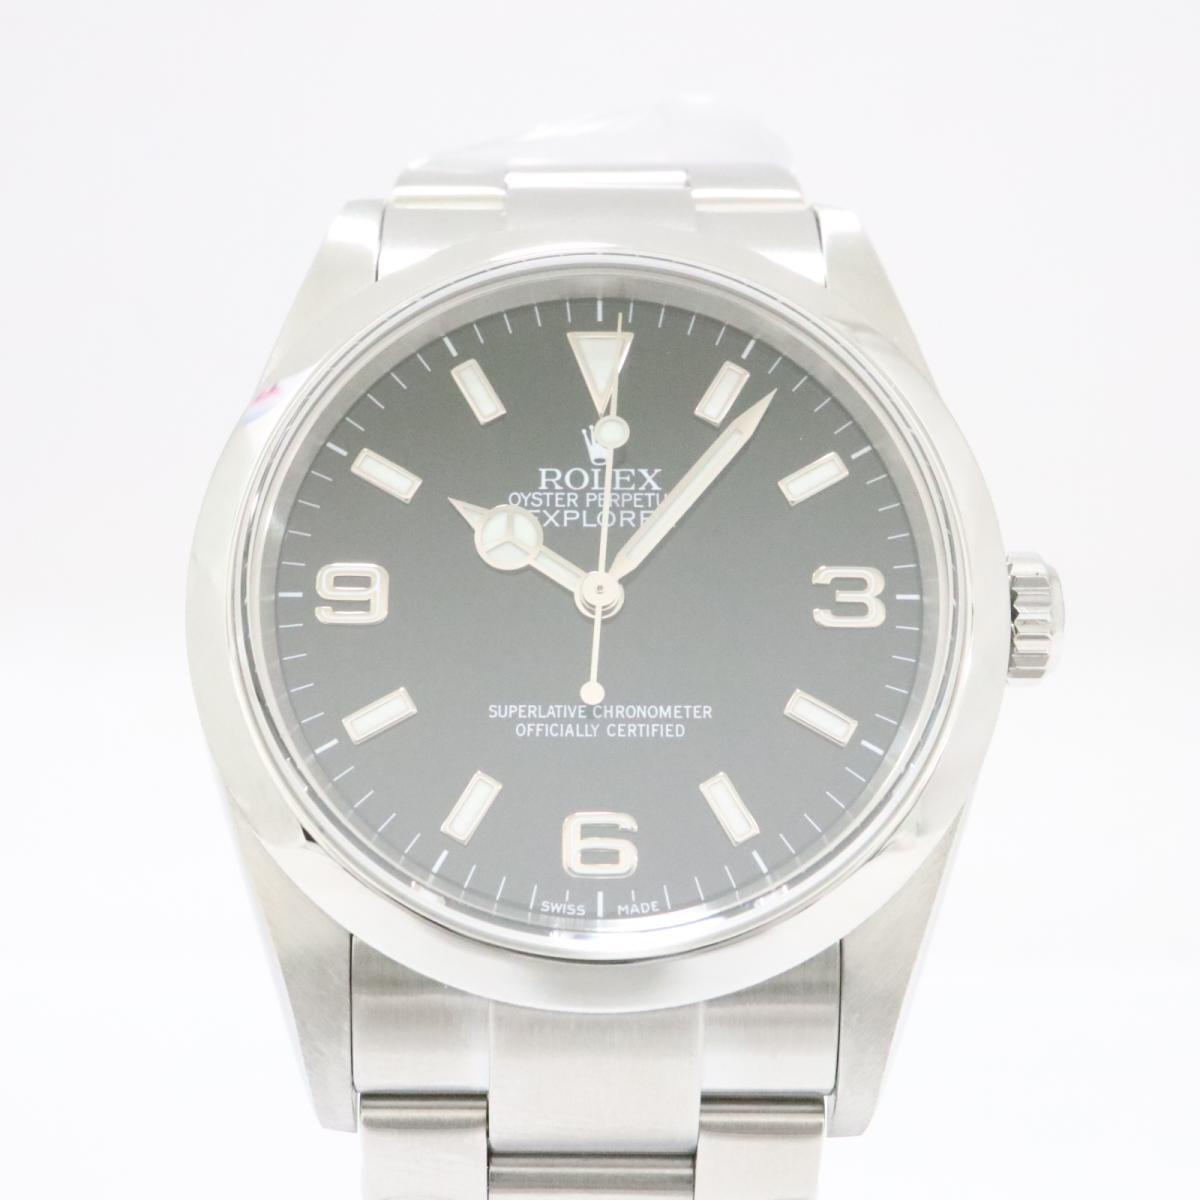 【中古】 ロレックス エクスプローラー1 腕時計 メンズ ステンレススチール (SS) ブラック (114270) | ROLEX BRANDOFF ブランドオフ ブランド ブランド時計 ブランド腕時計 時計 ウォッチ